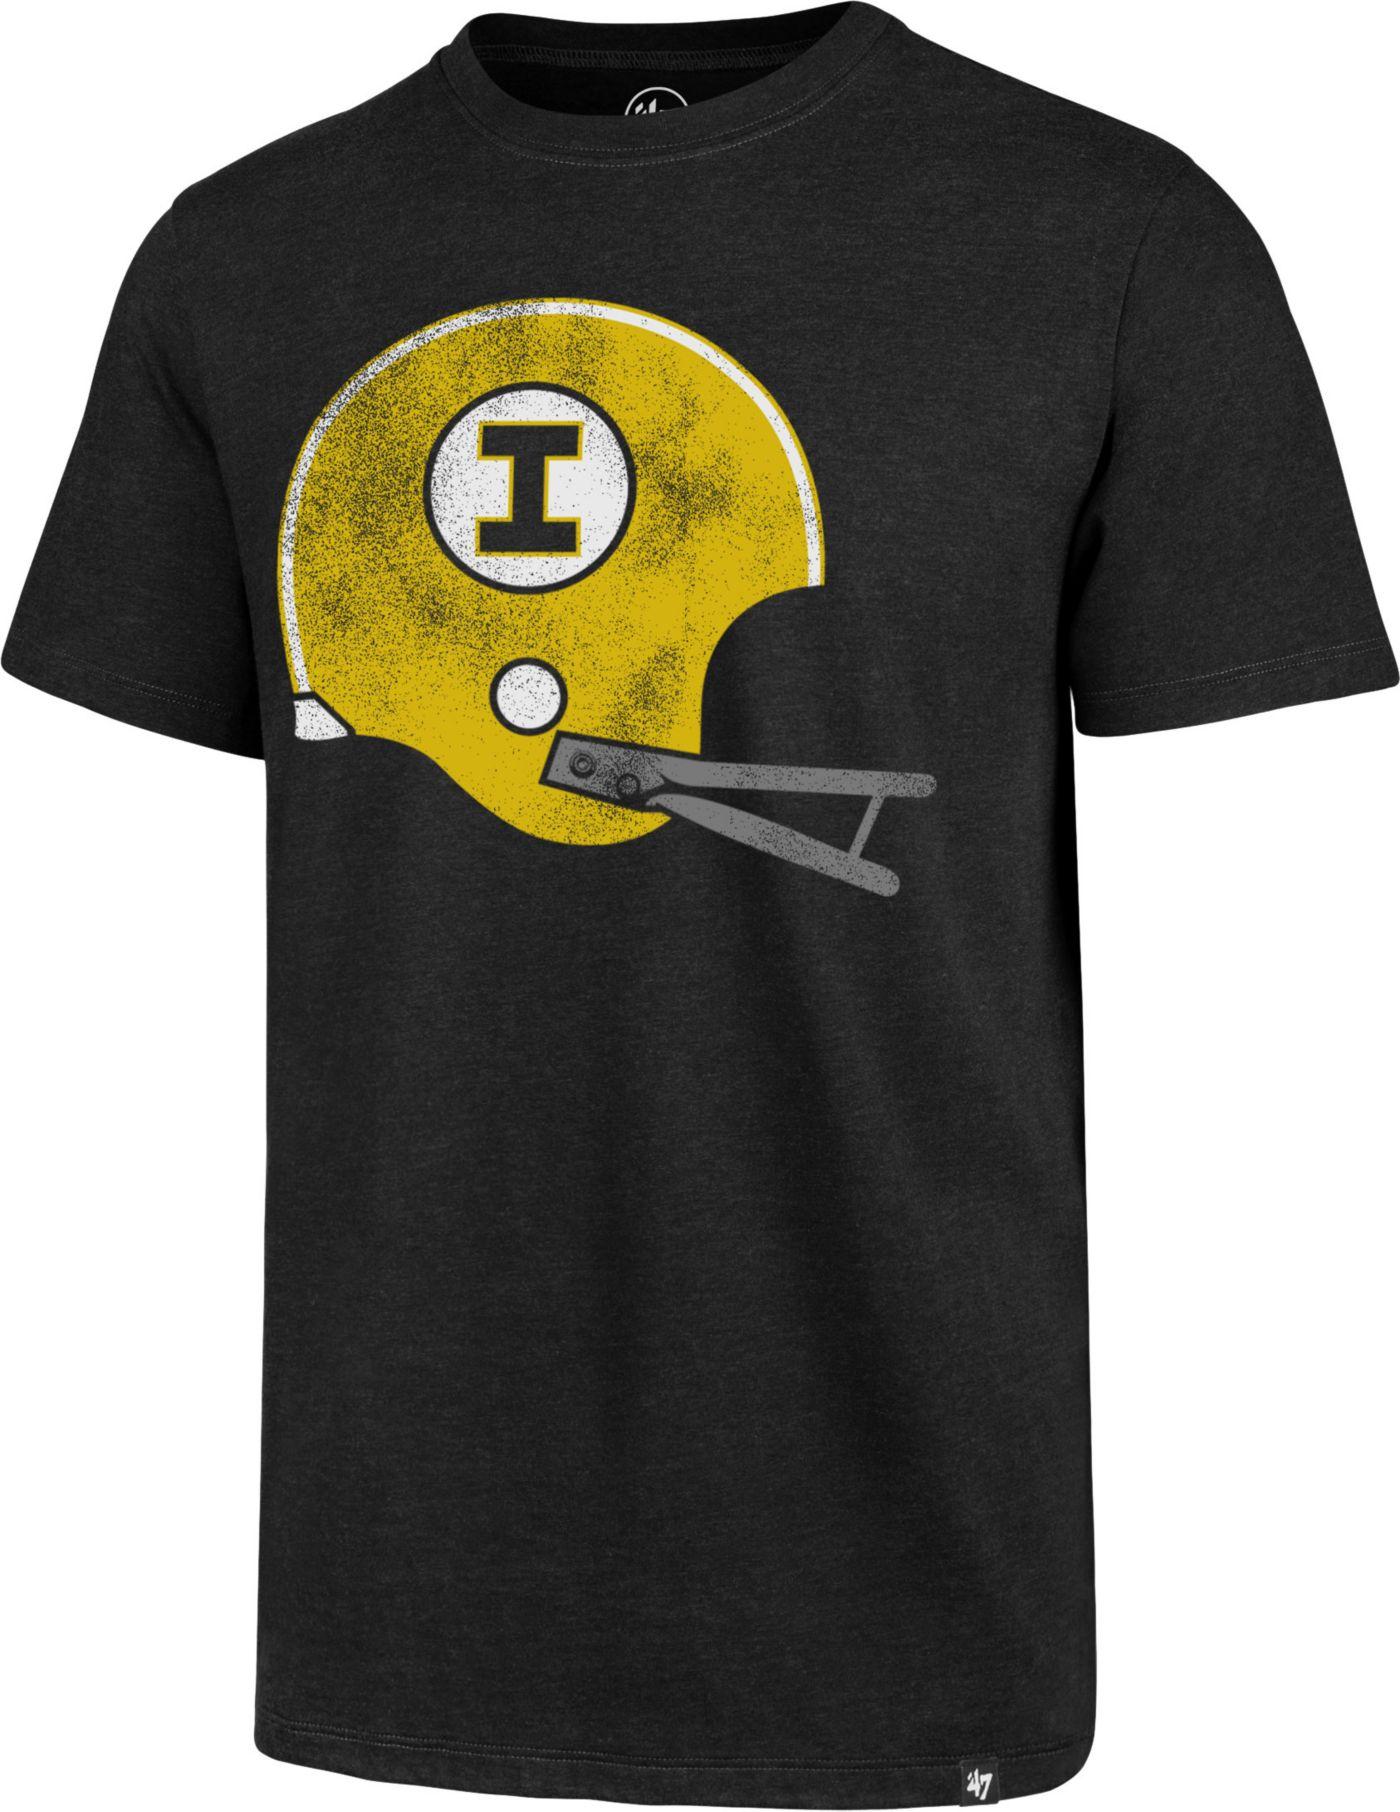 '47 Men's Iowa Hawkeyes Imprint Club Black T-Shirt